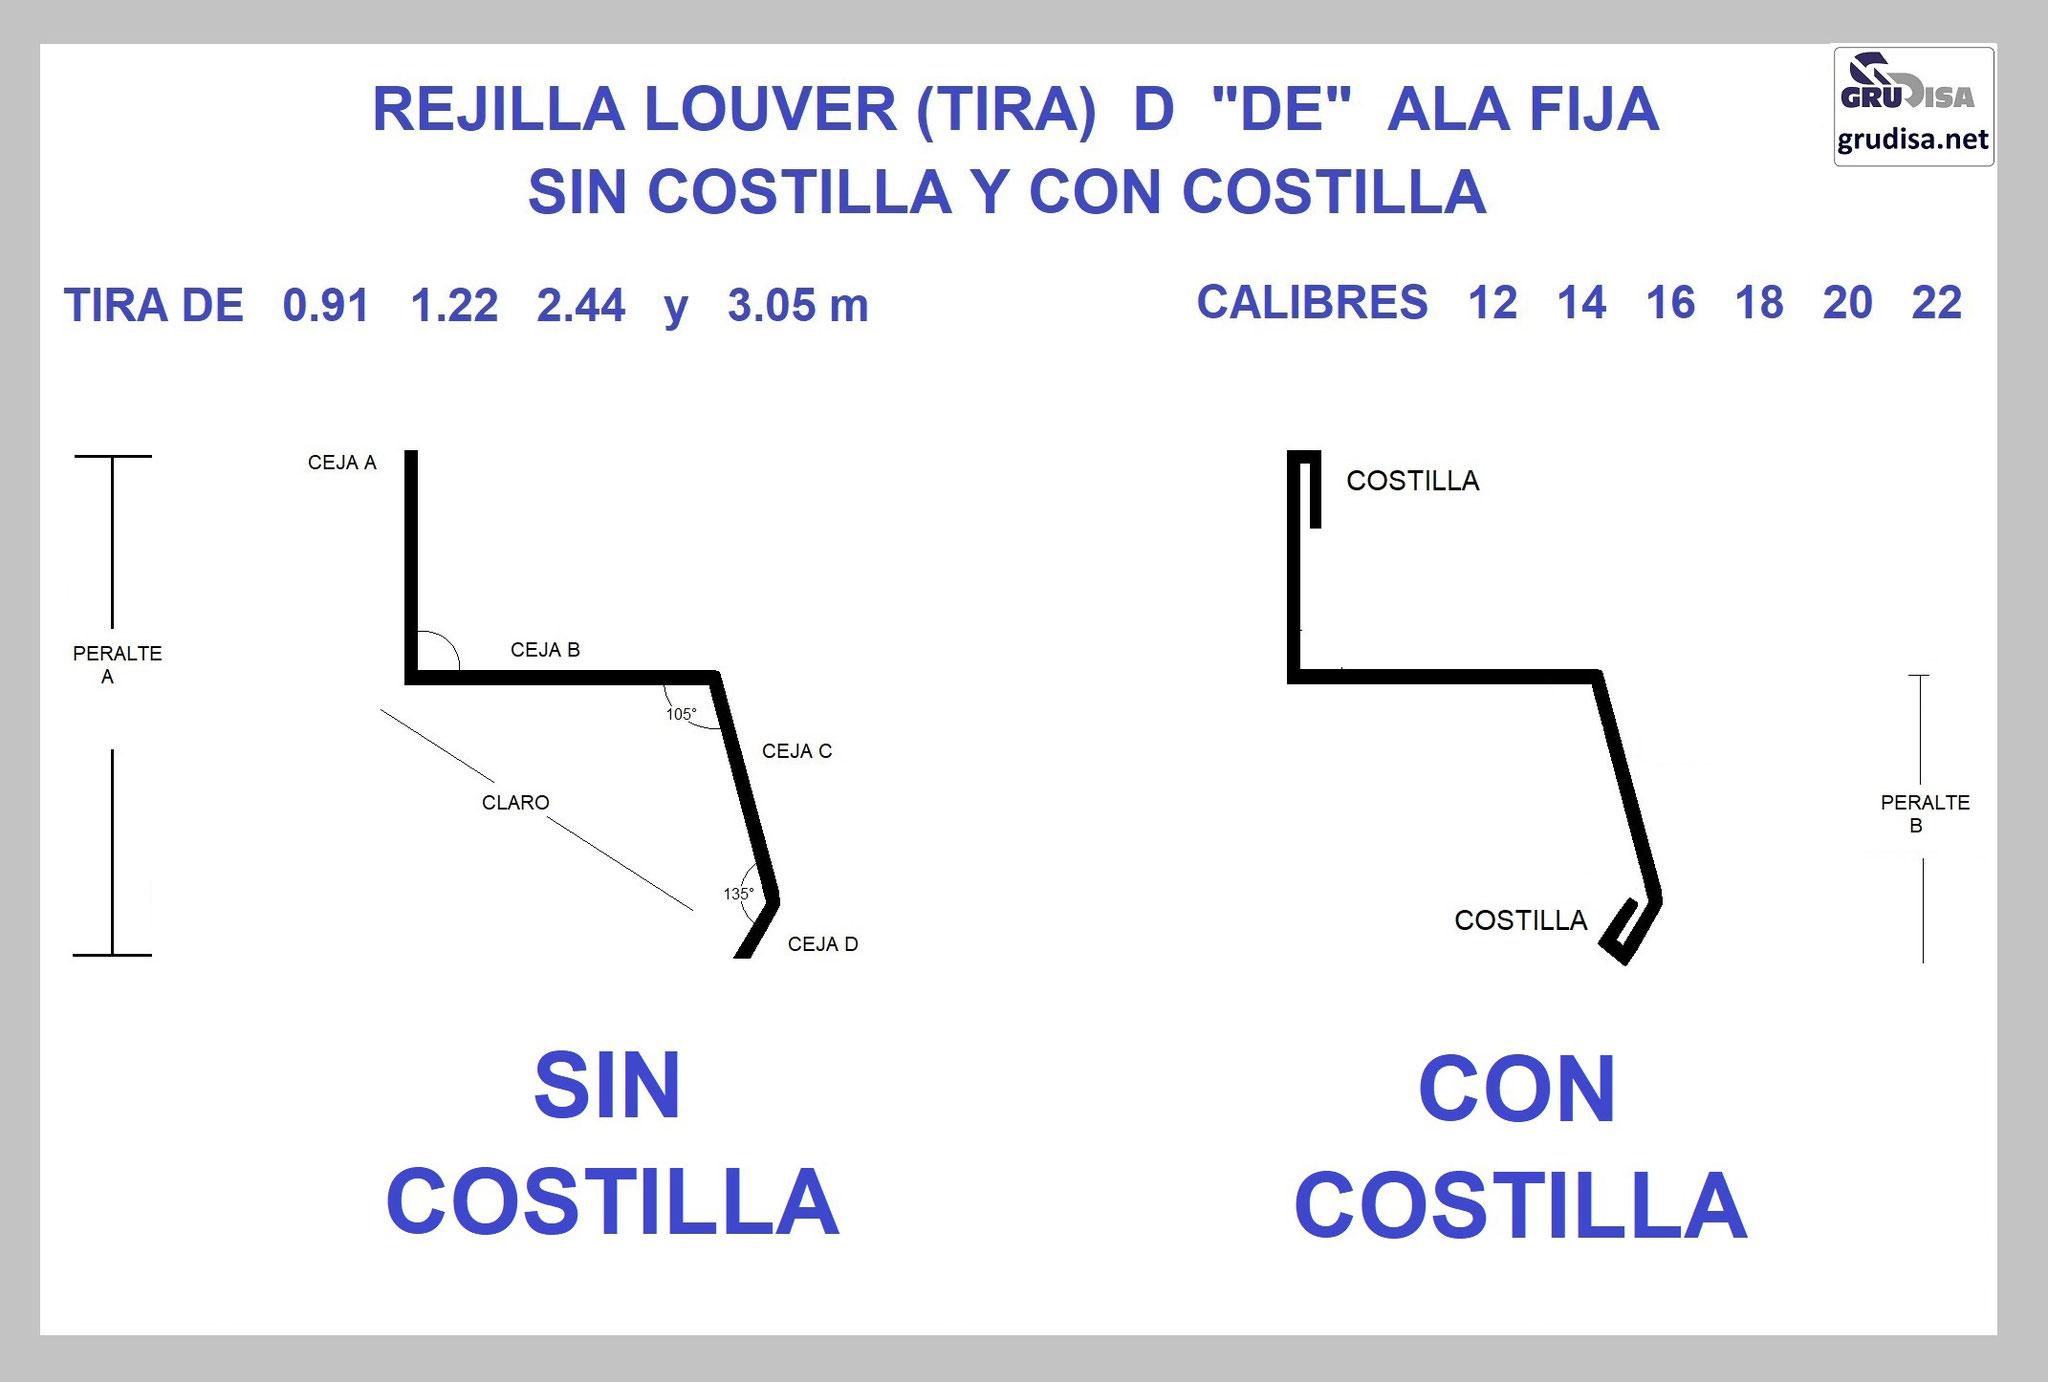 """REJILLA LOUVER (TIRA) """"D"""" CON y SIN COSTILLA GruDisA"""